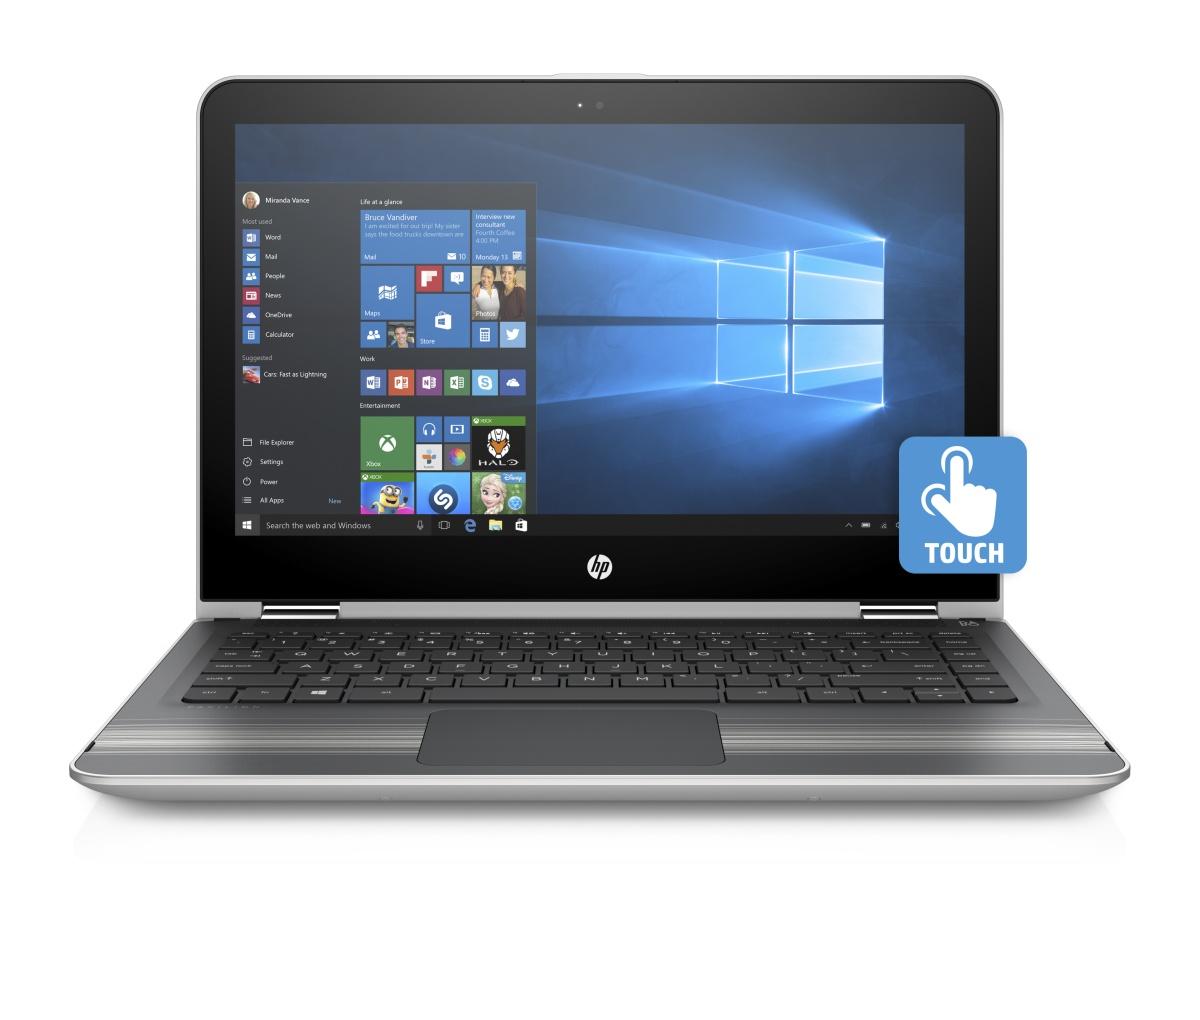 """HP Pavilion 13 x360 -u103nc/Intel i3-7100U/8GB/500GB SSHD/Intel HD 620/ 13,3"""" FHD/Win 10/stříbrný"""